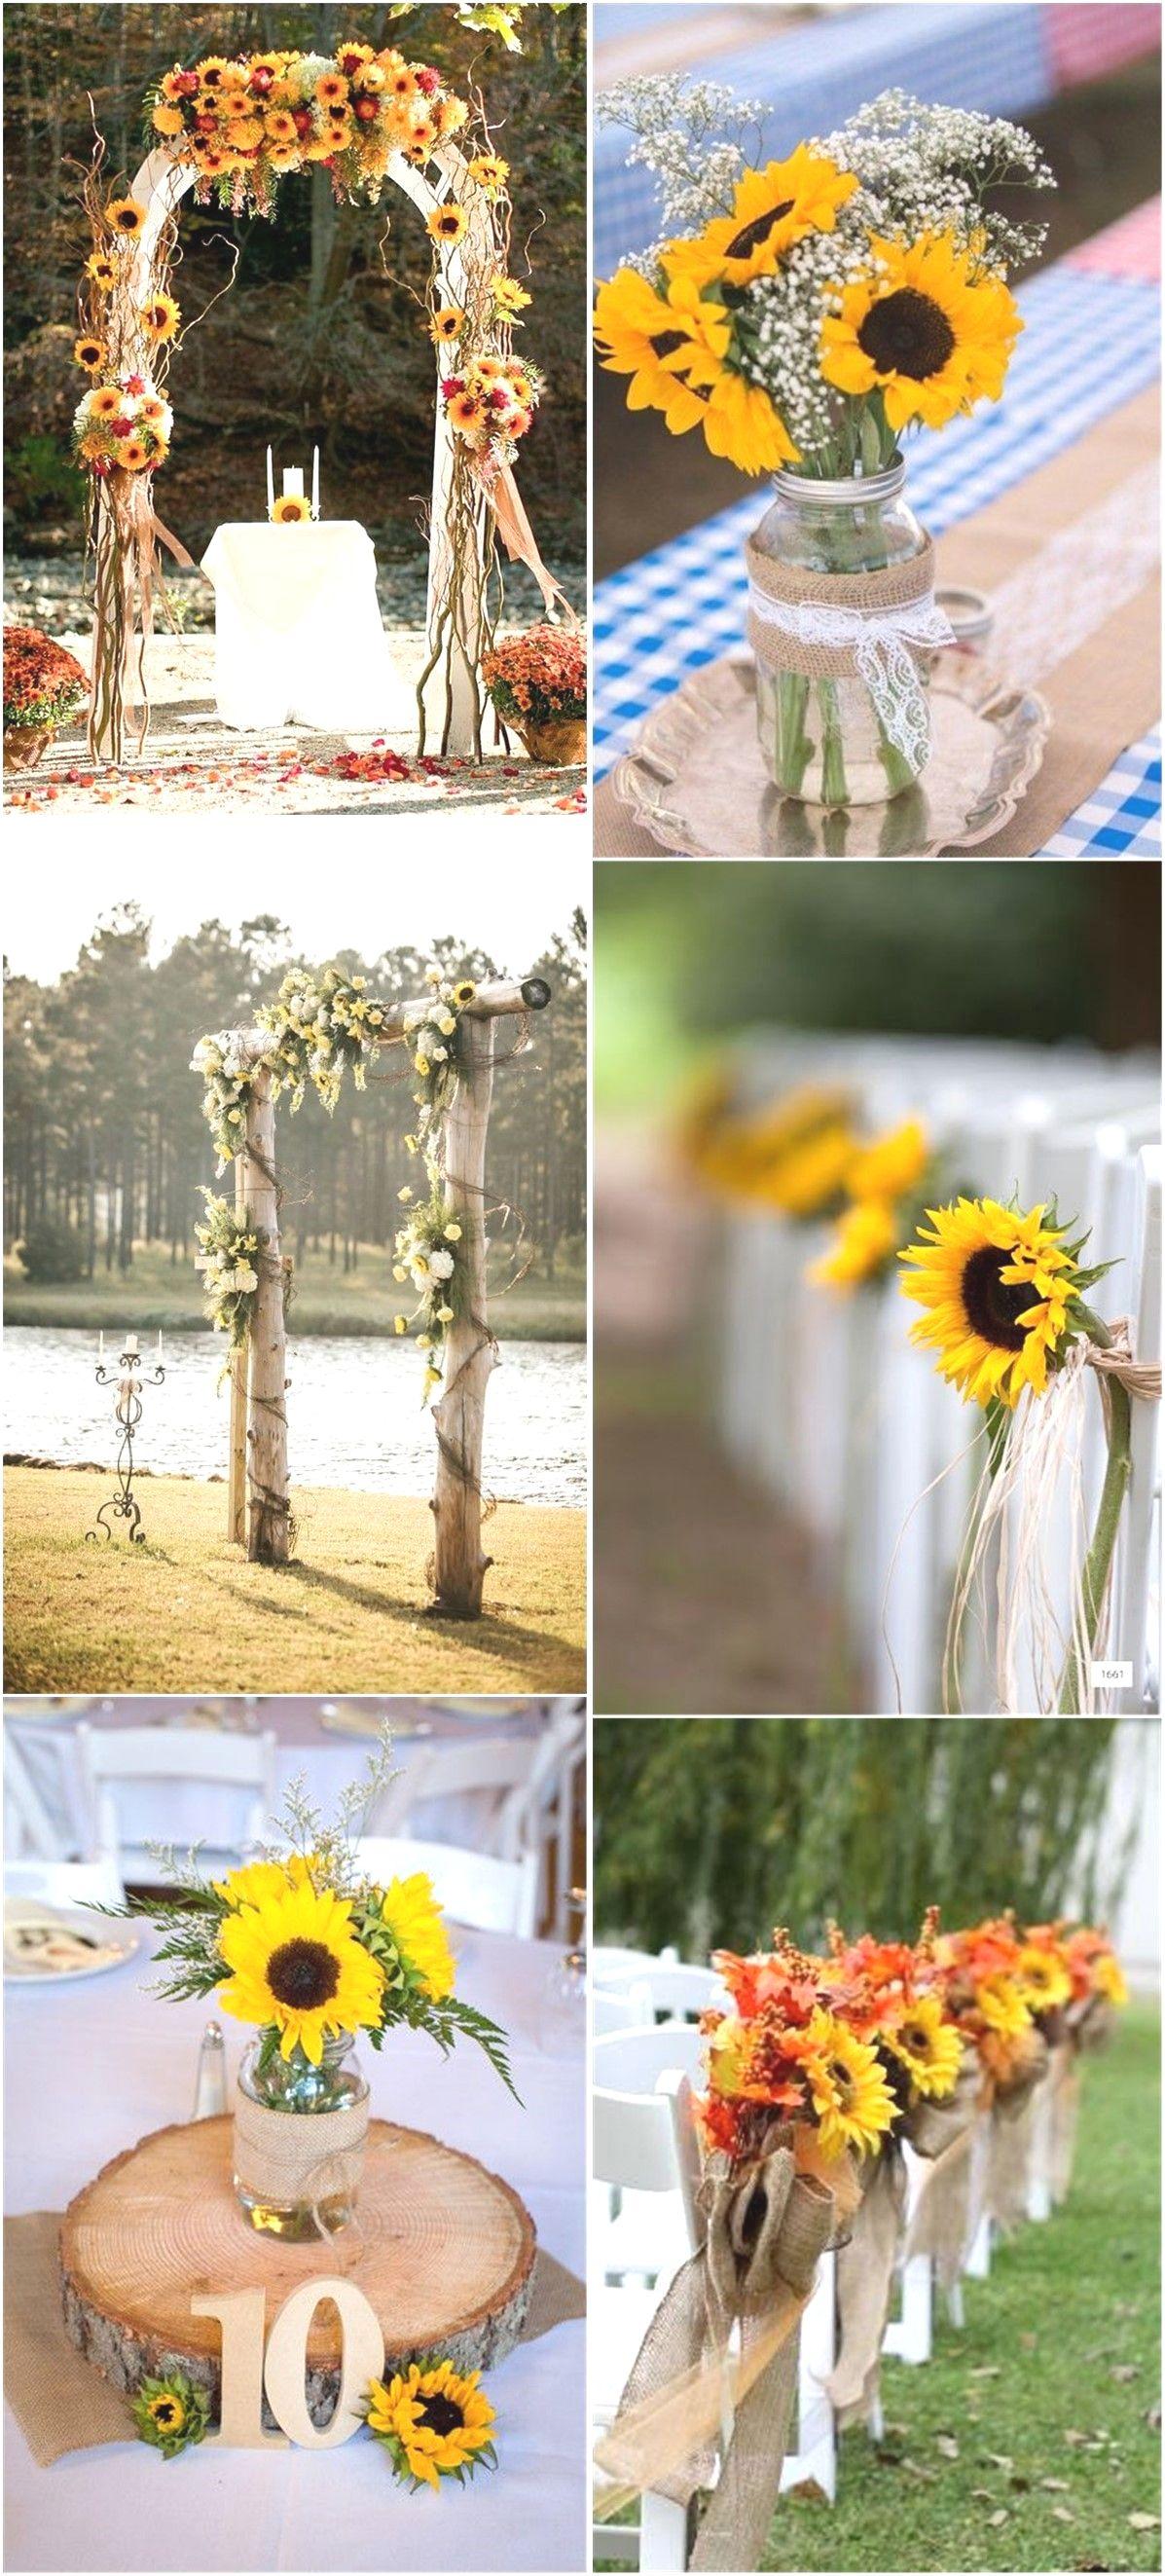 15 Stunning Wedding Hacks in 2020 Sunflower wedding